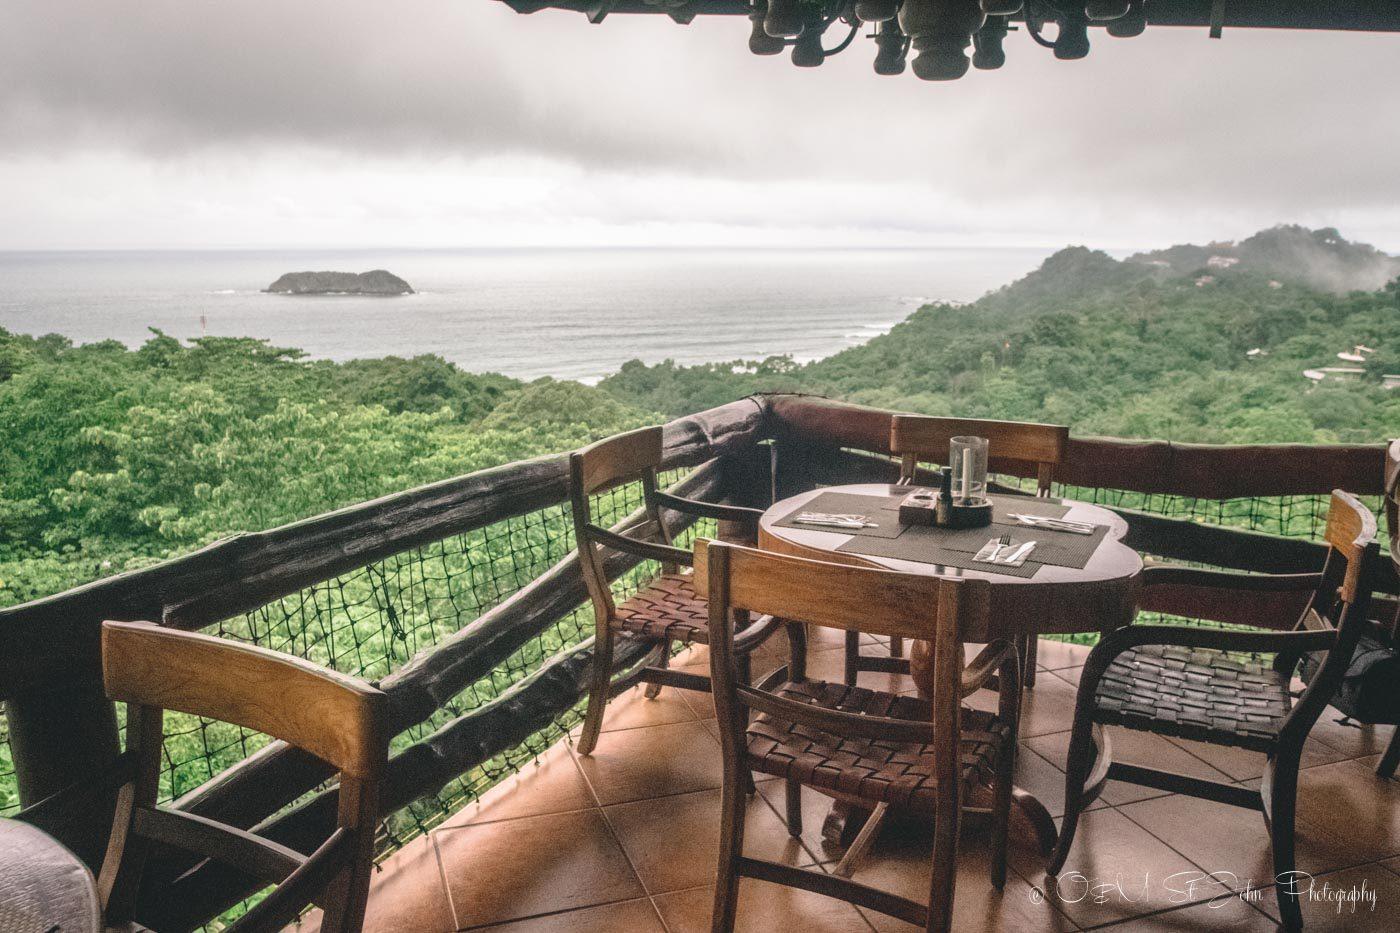 Views from the El Avion Restaurant in Manuel Antonio